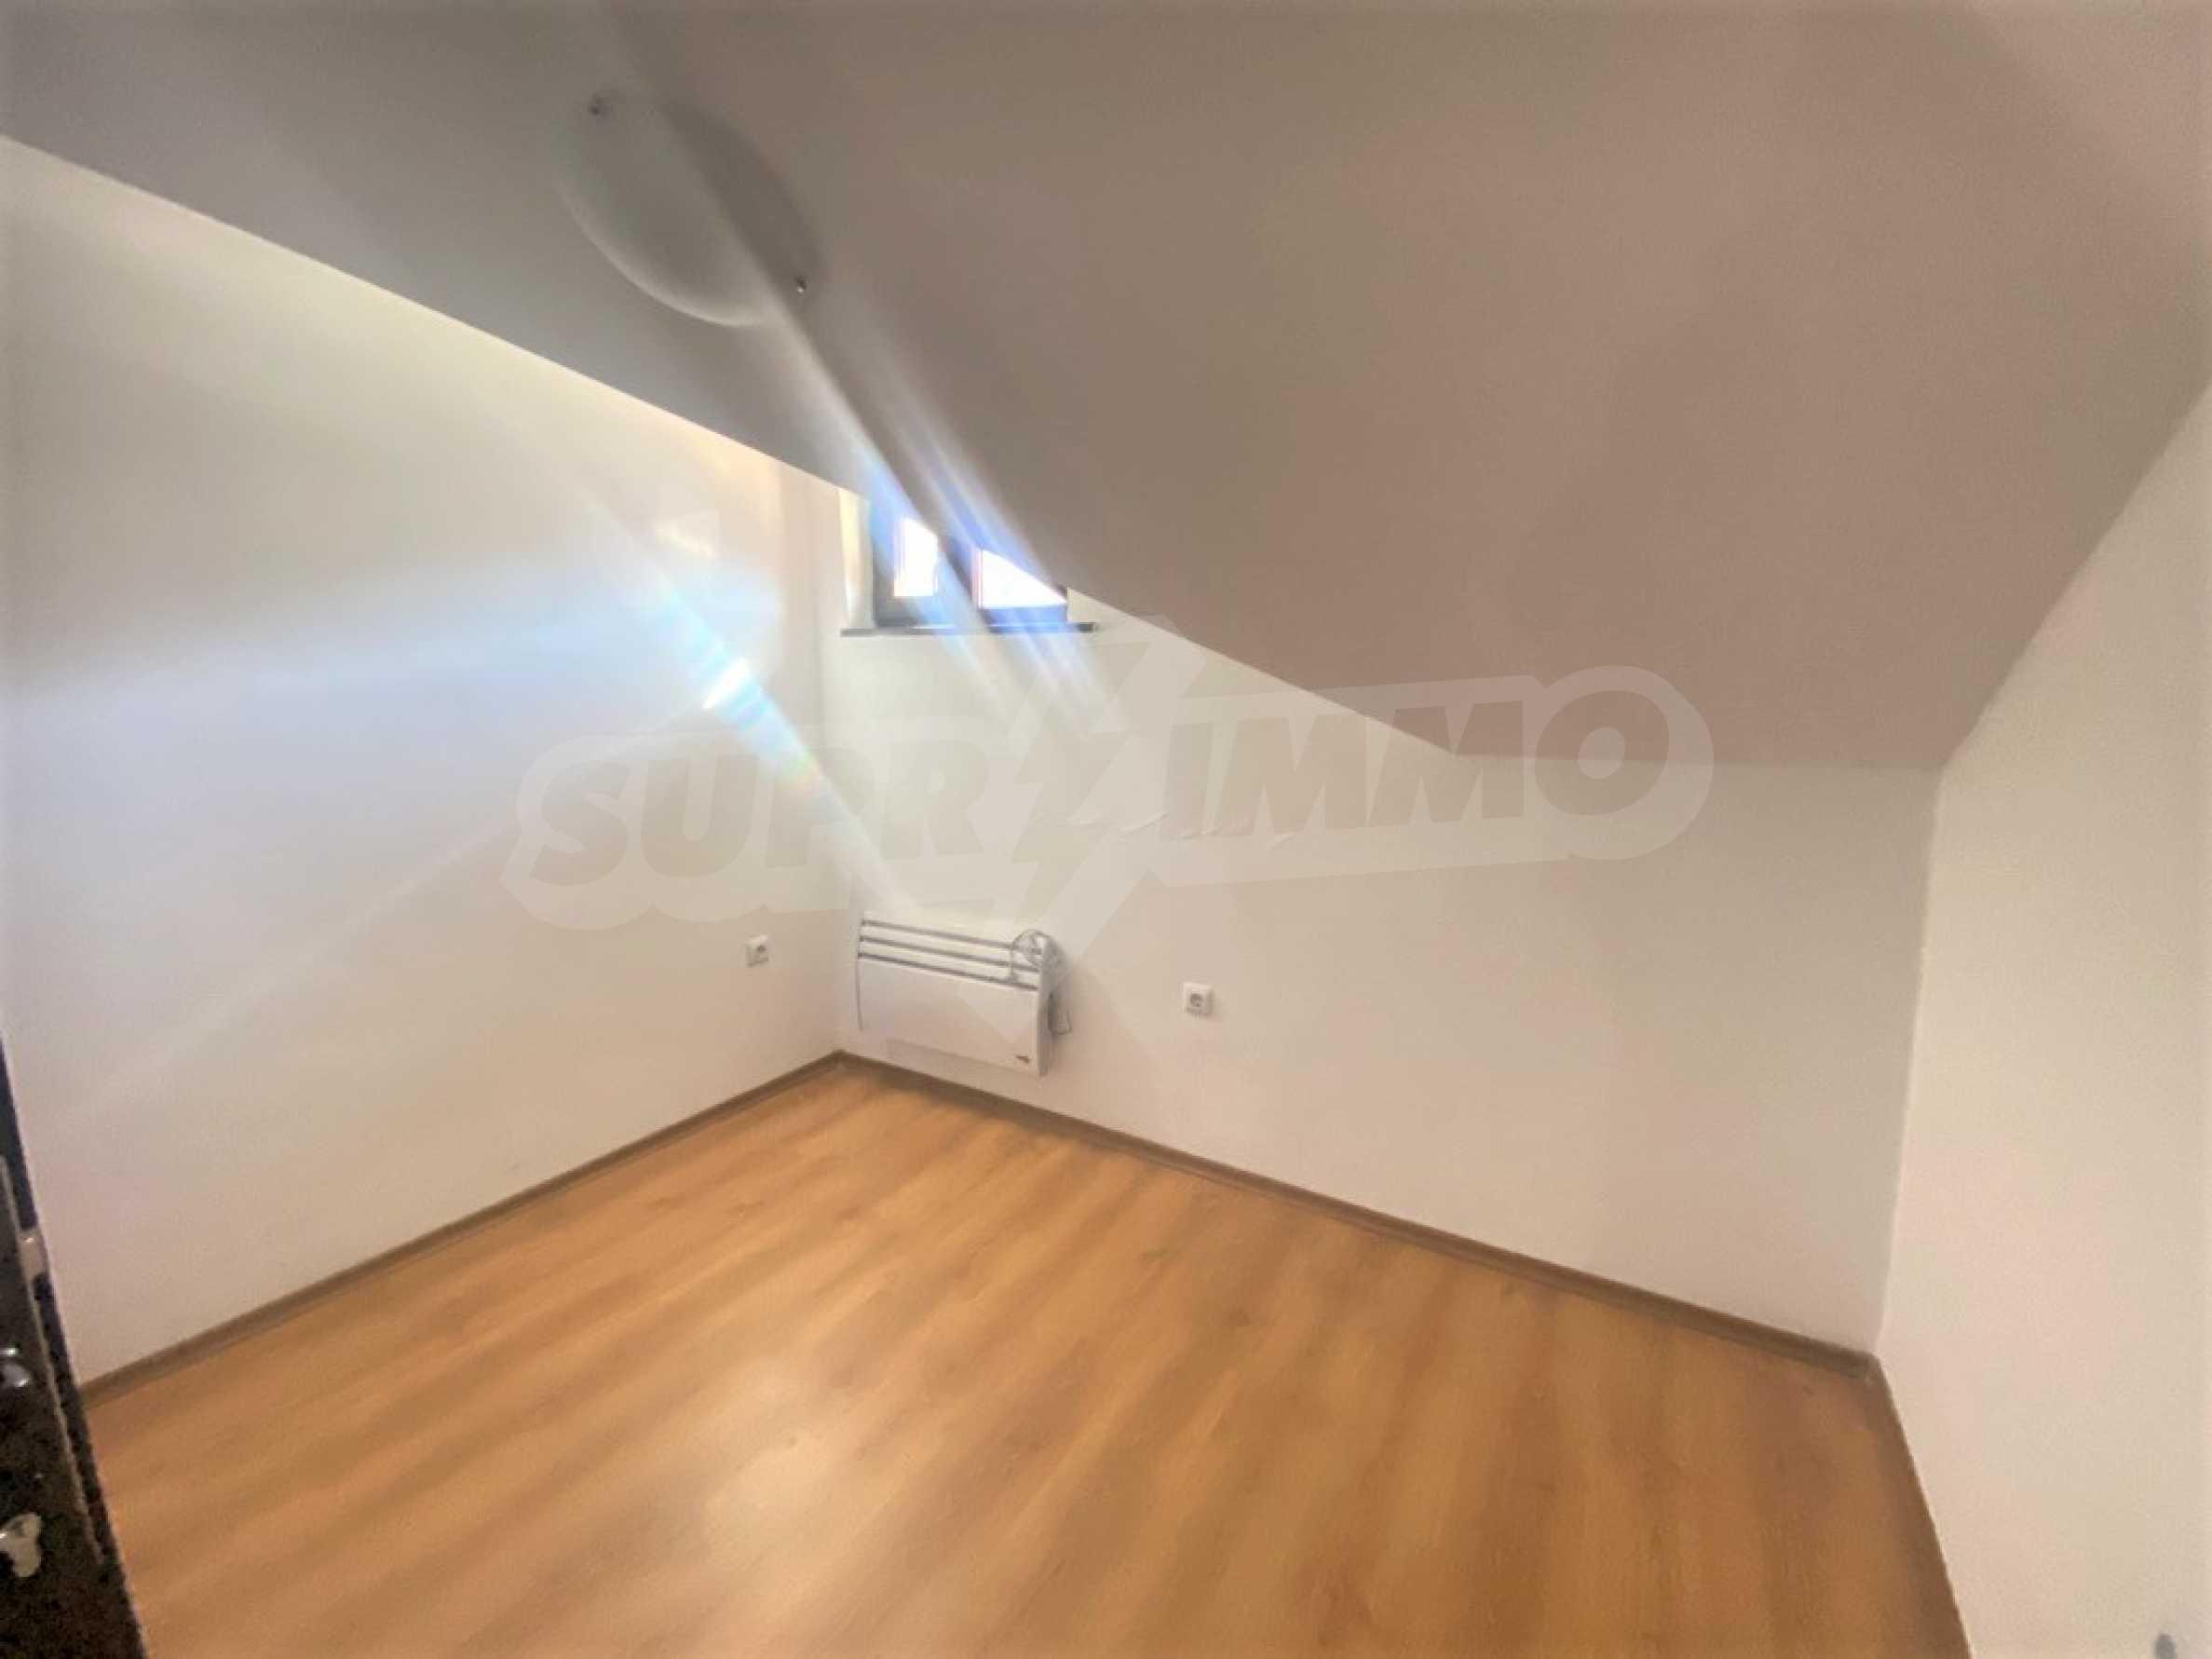 Обзаведен двустаен апартамент за продажба в СПА комплекс в Банско 3